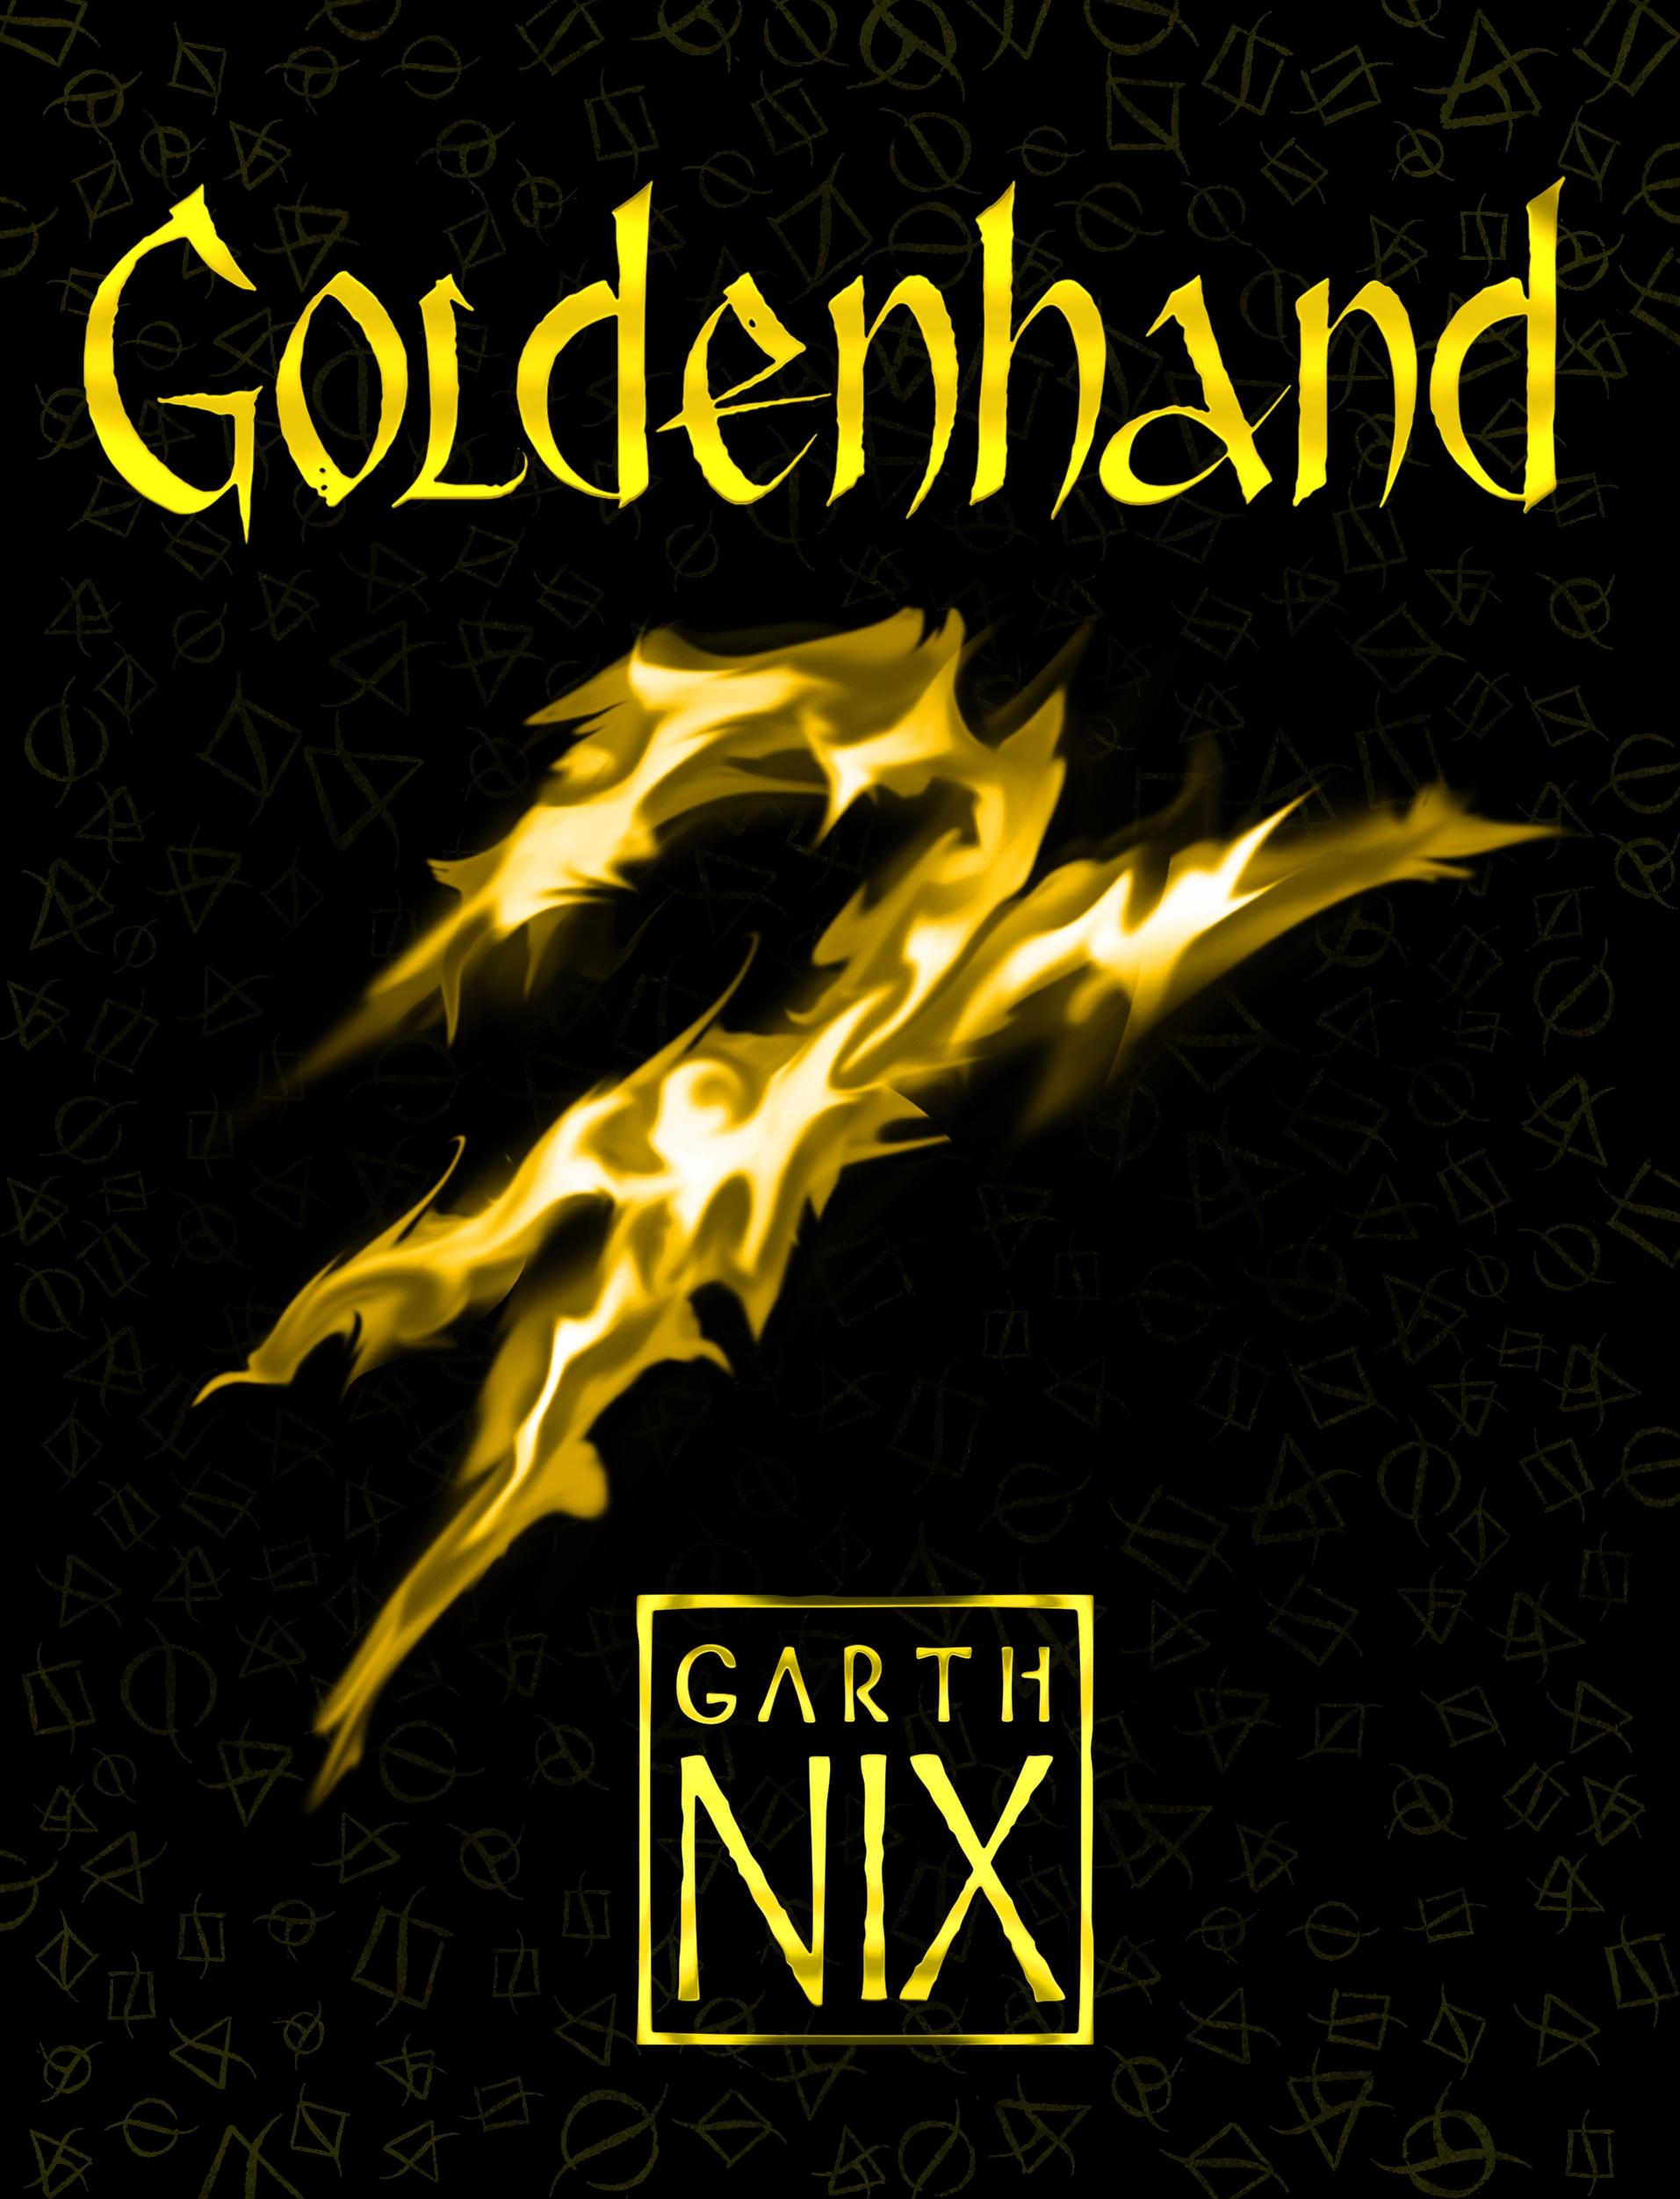 Goldenhand by Garth Nix